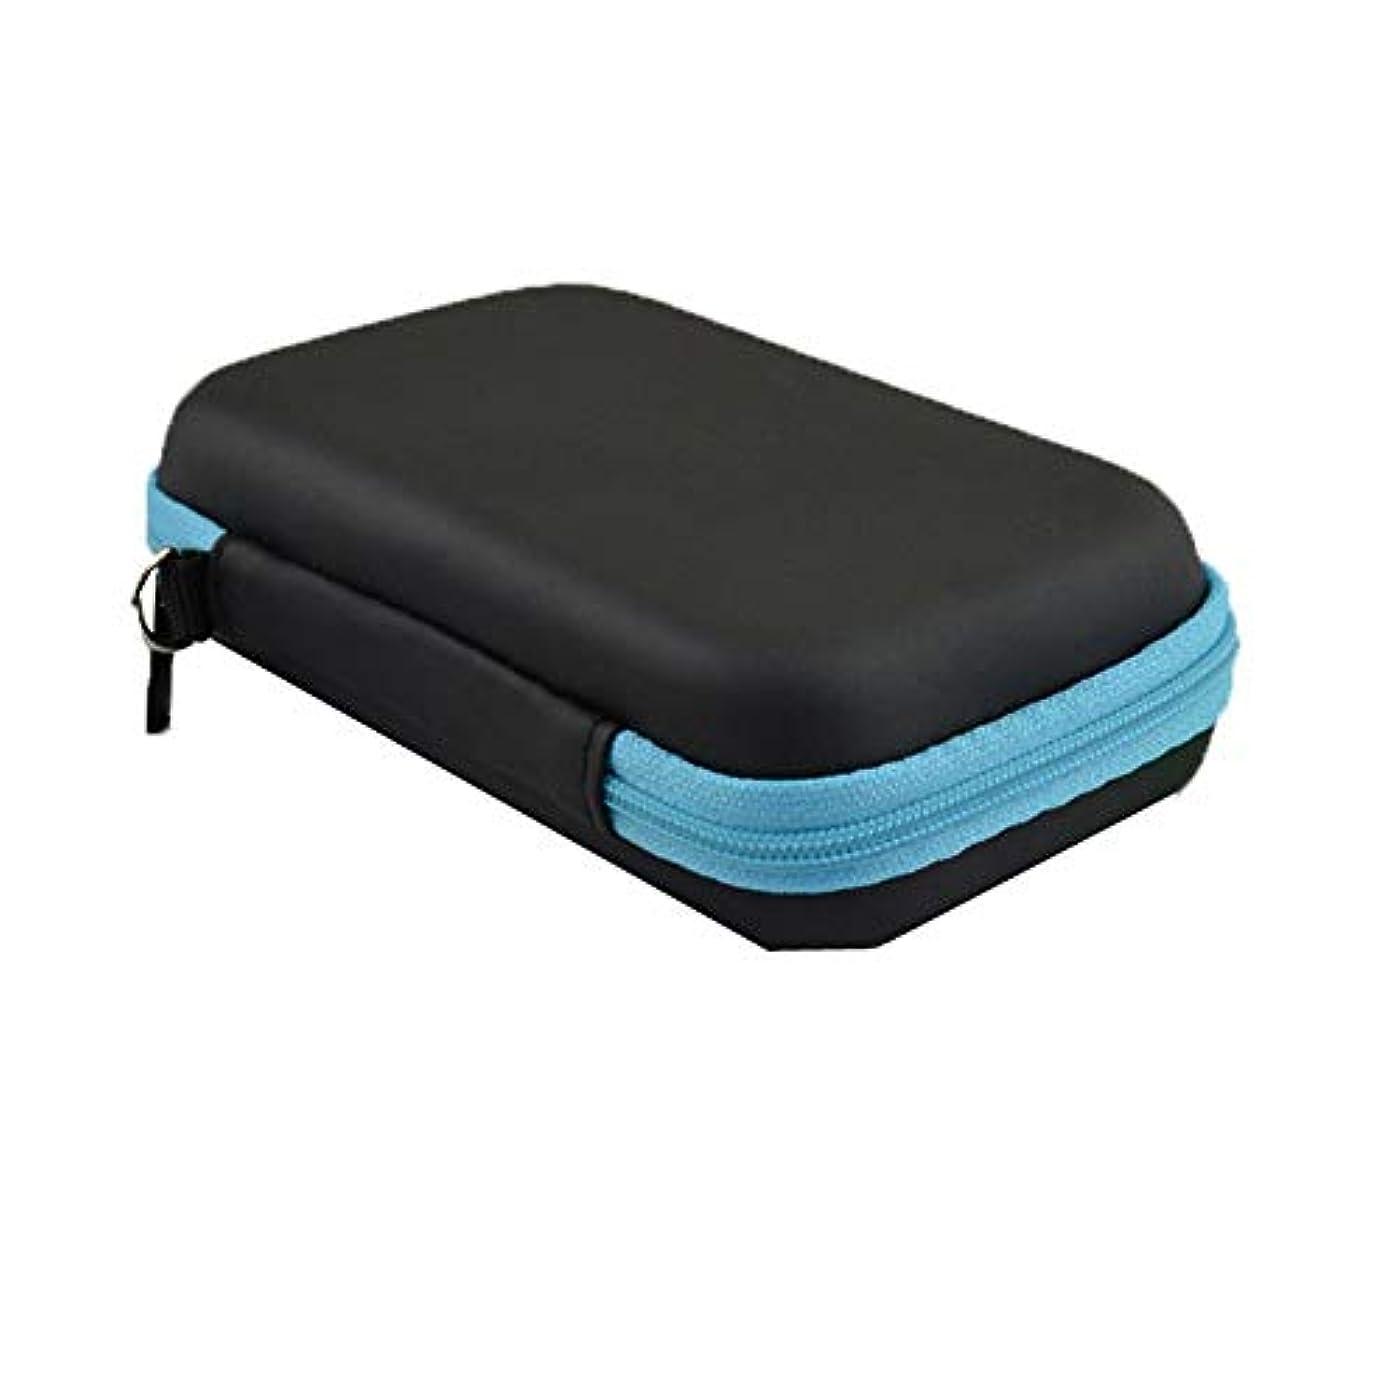 エッセンシャルオイルストレージボックス エッセンシャルオイルキャリングケースハードシェルエクステリアストレージオーガナイザーは1-3MLエッセンシャルオイルブルーを開催します 旅行およびプレゼンテーション用 (色 : 青...